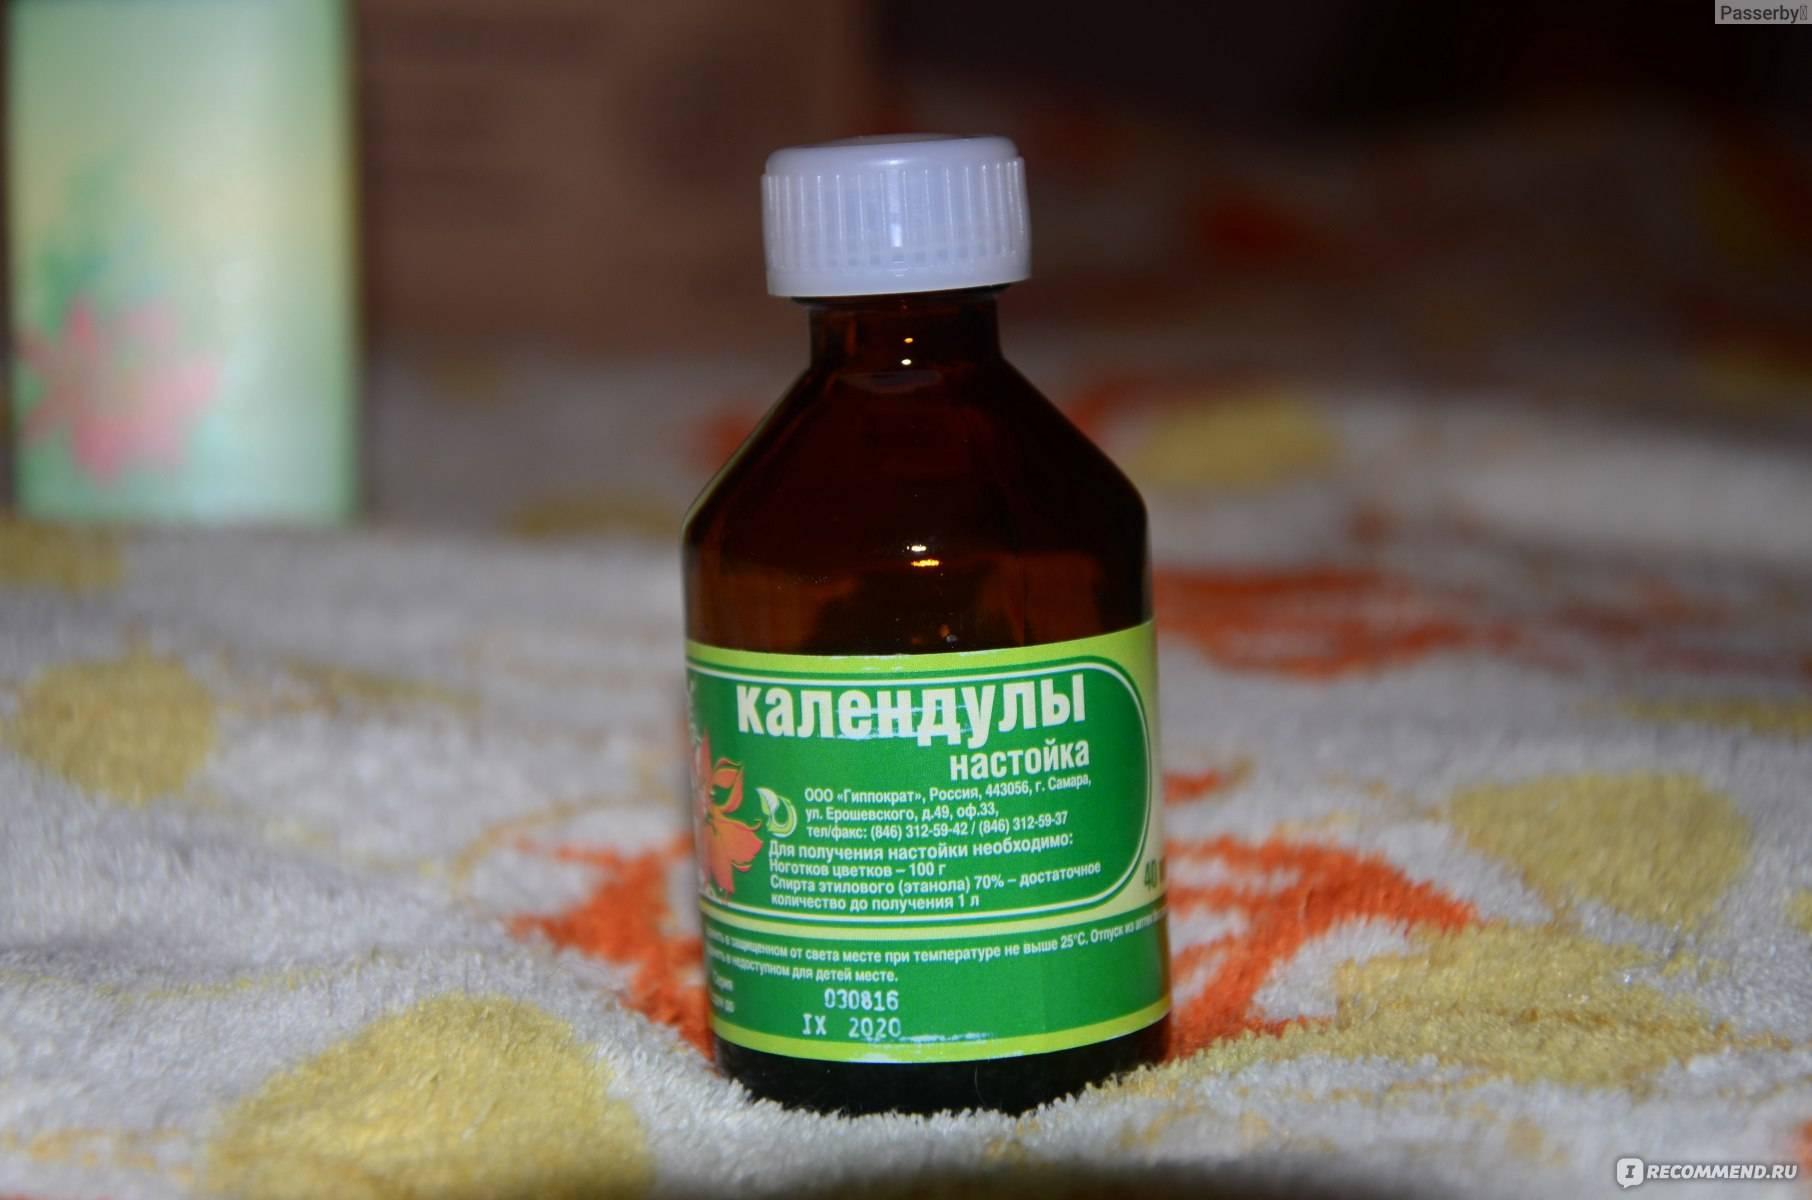 Настойка календулы — всё о растительном препарате